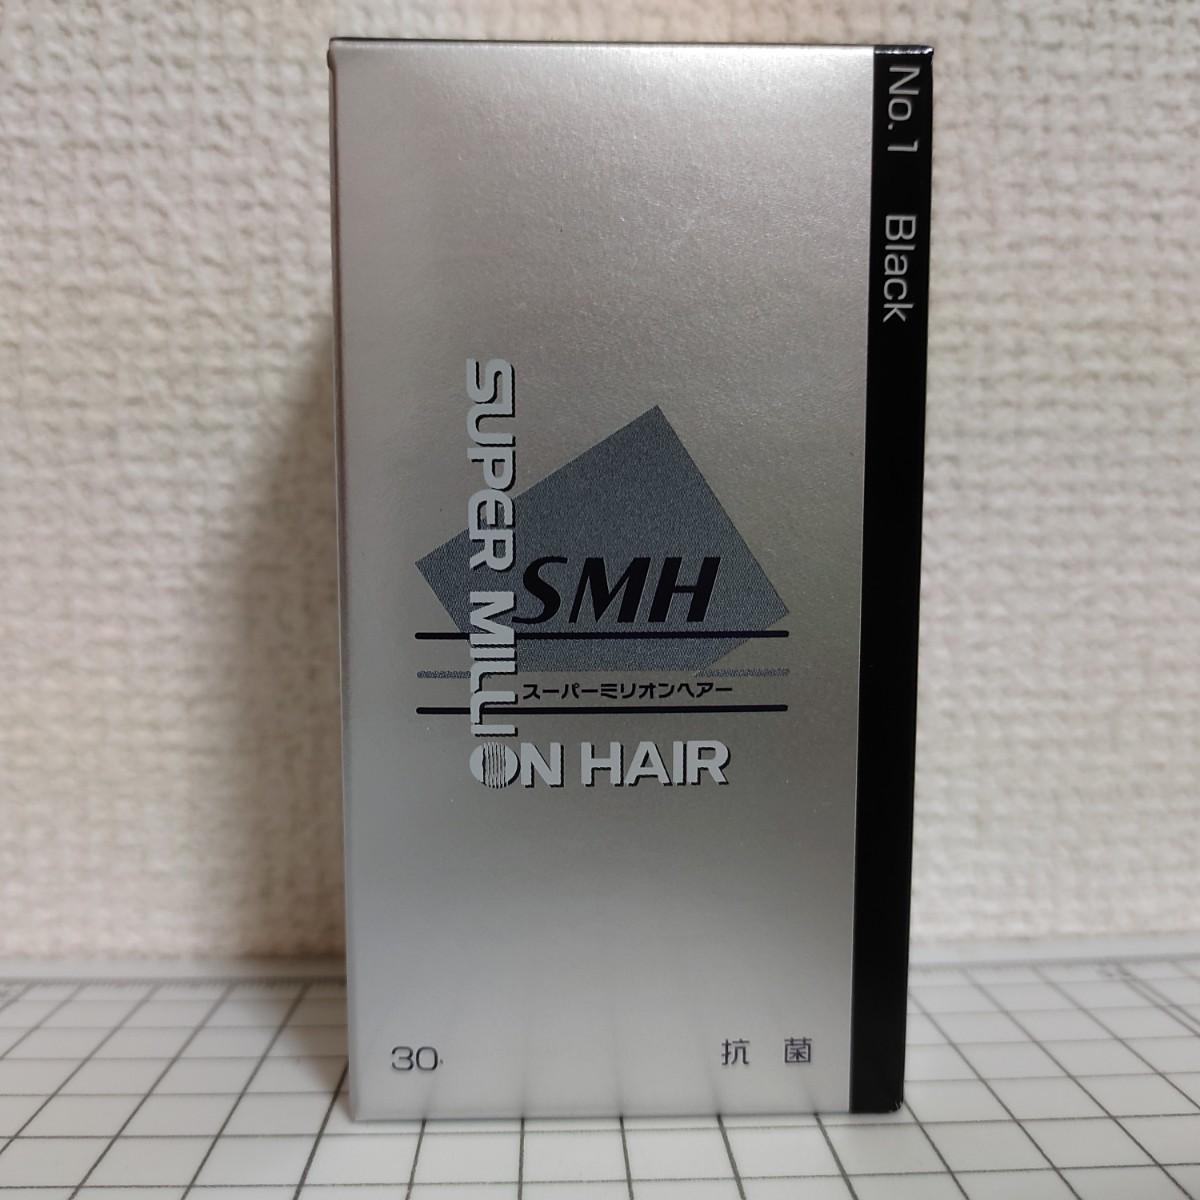 スーパーミリオンヘアー ブラック 30g 1箱 新品・未開封